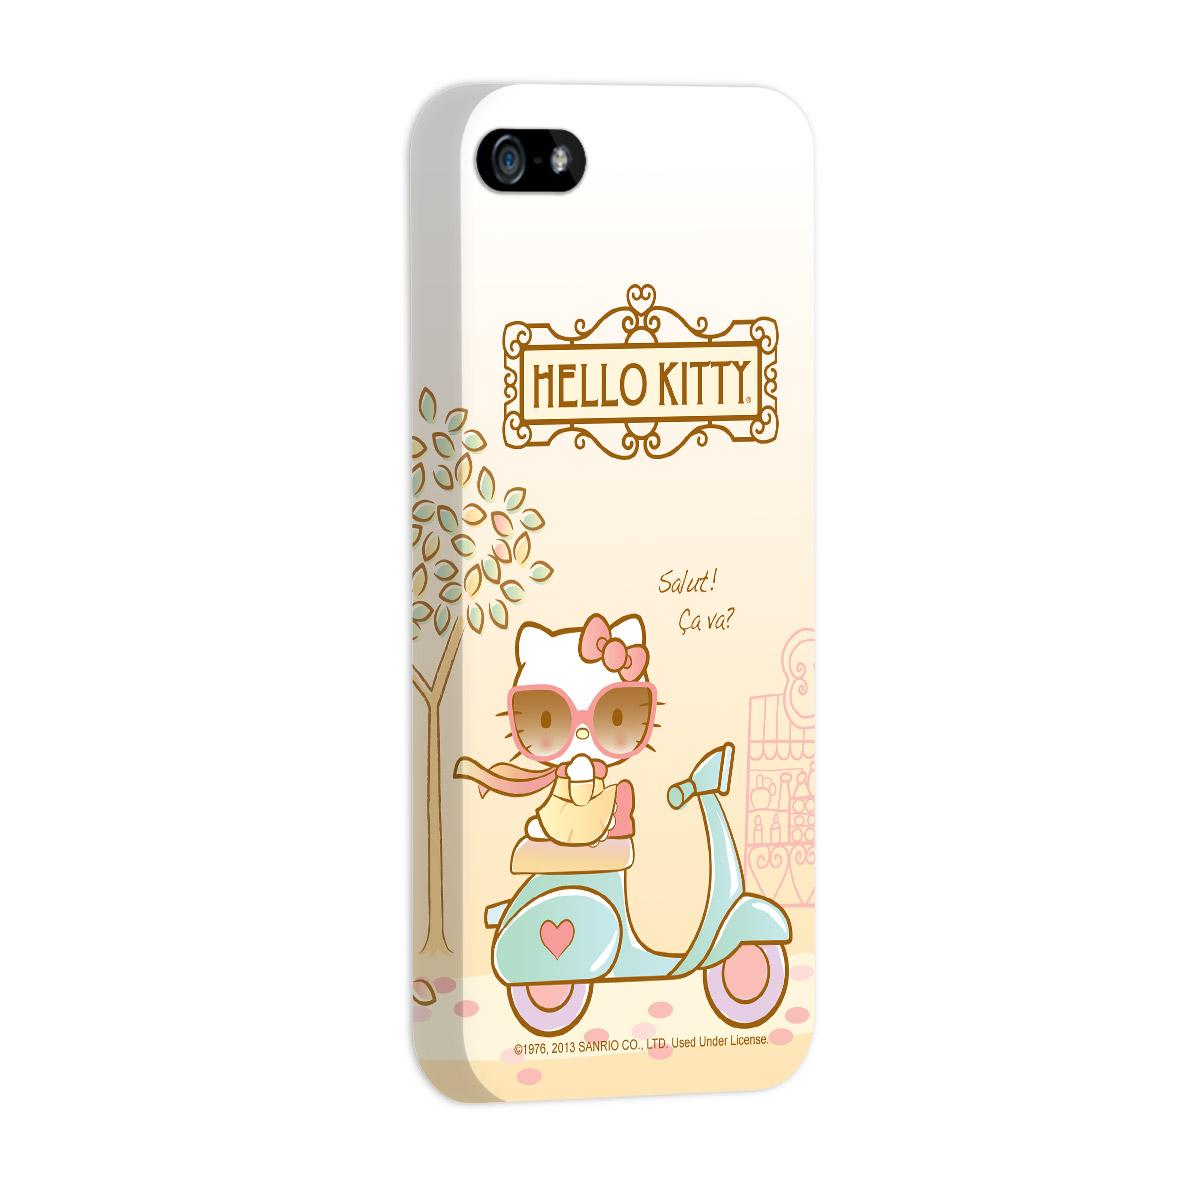 Capa de iPhone 5/5S Hello Kitty Salut! Ça Va?